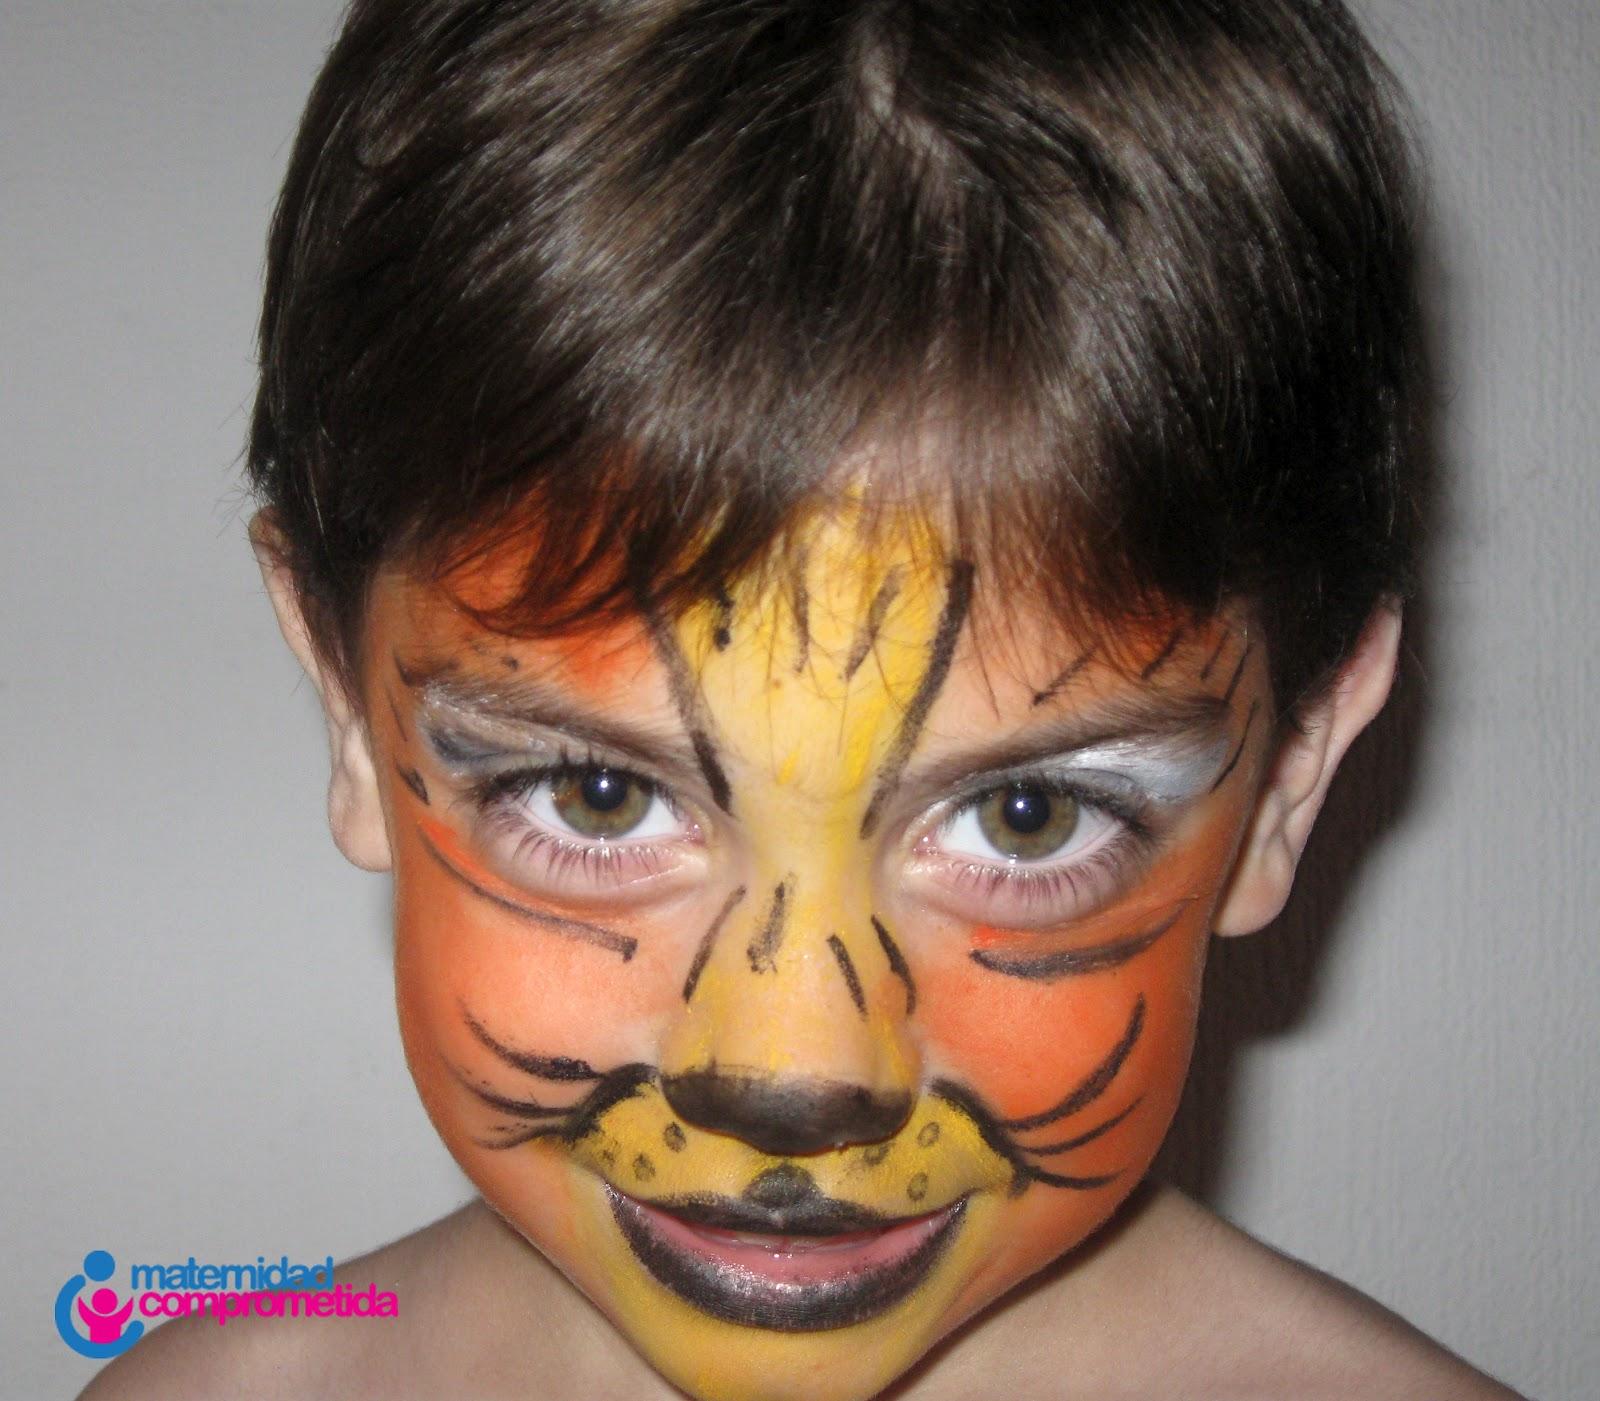 cara pintada de gato imagui